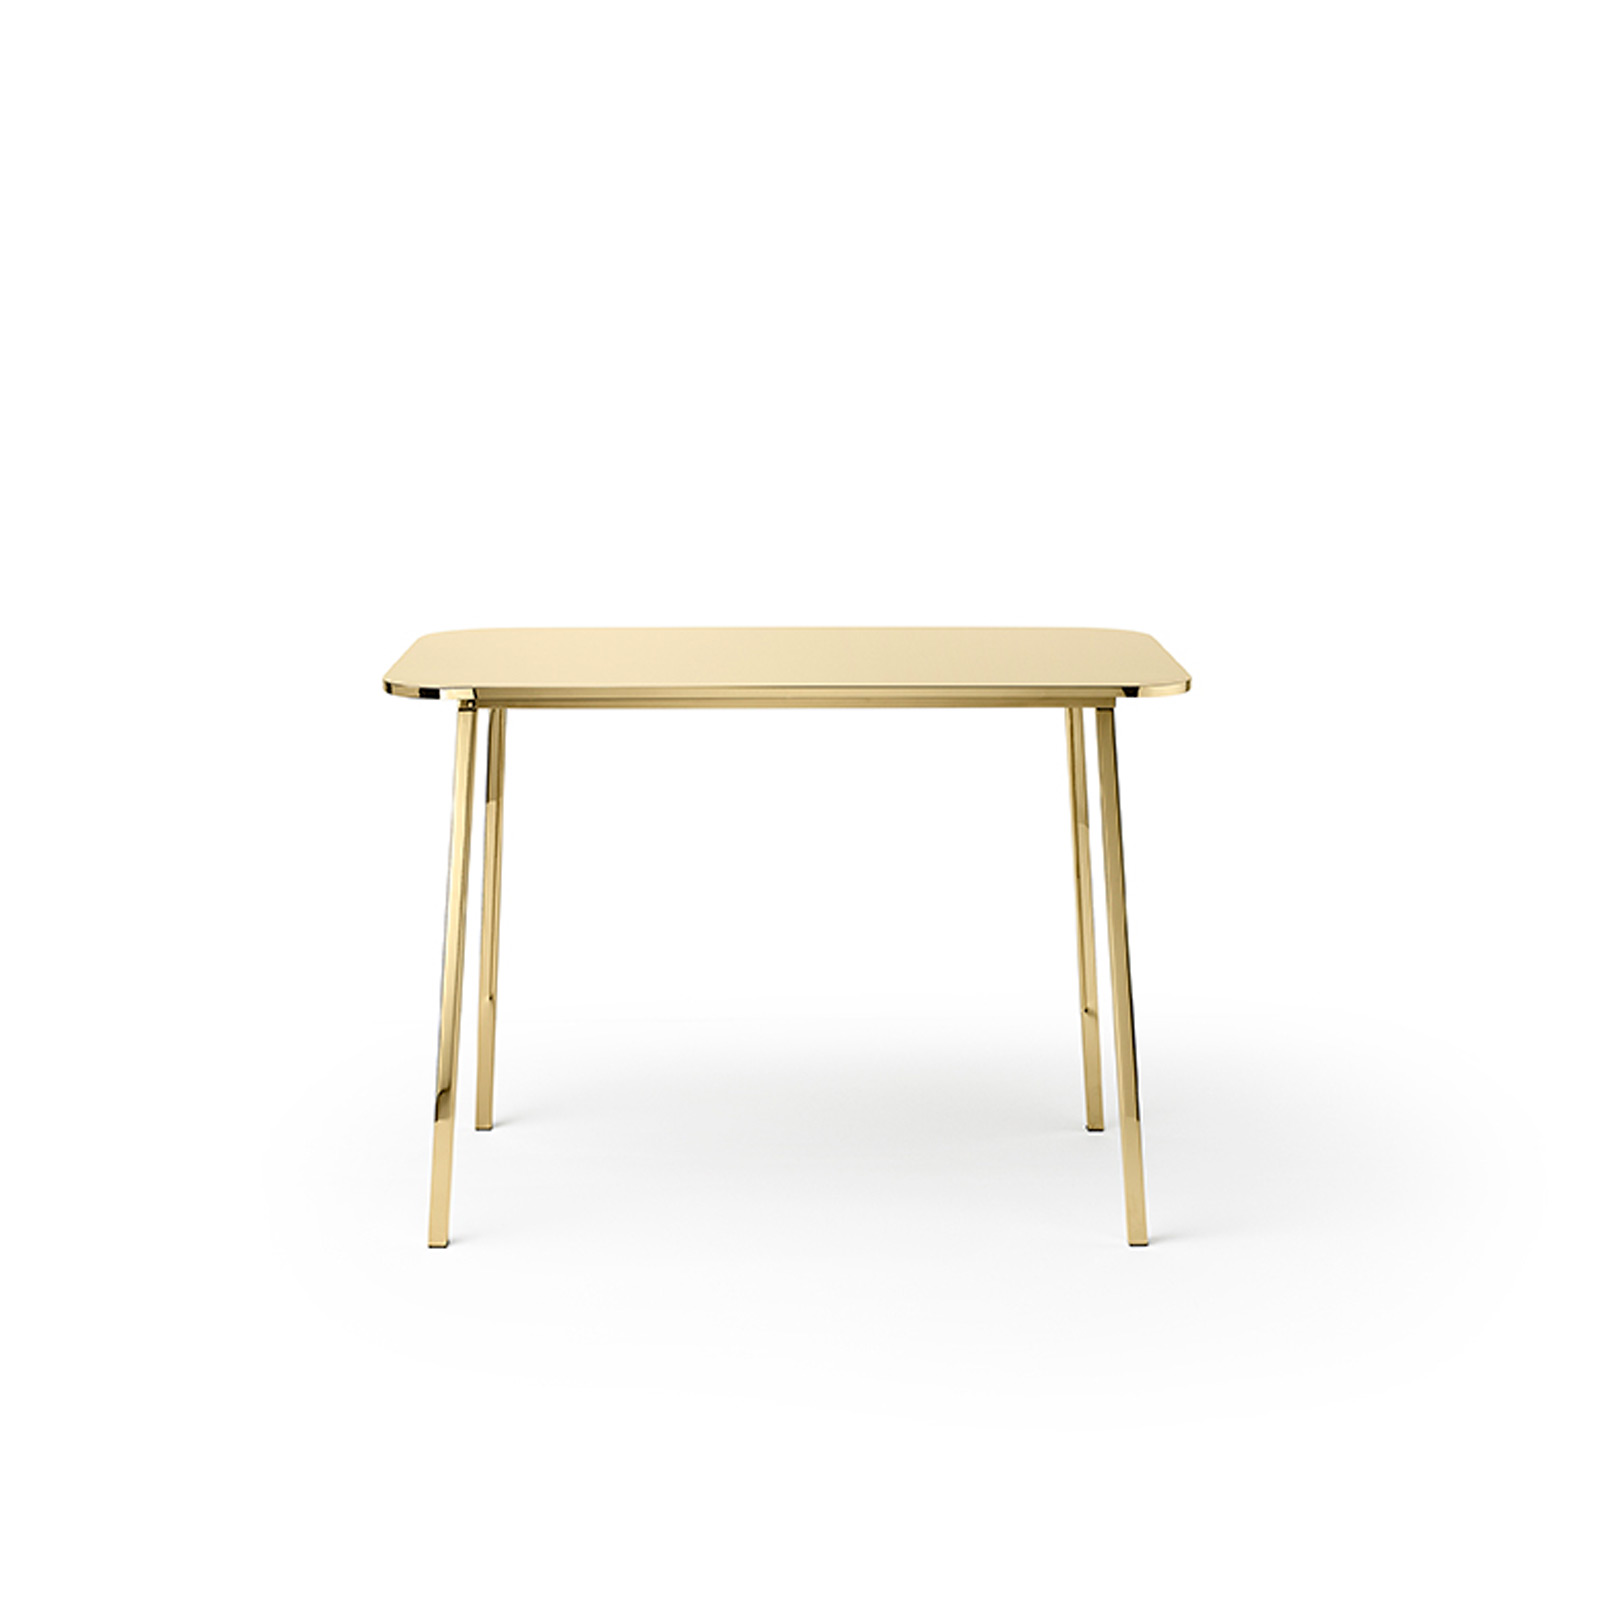 MIAMI TABLE